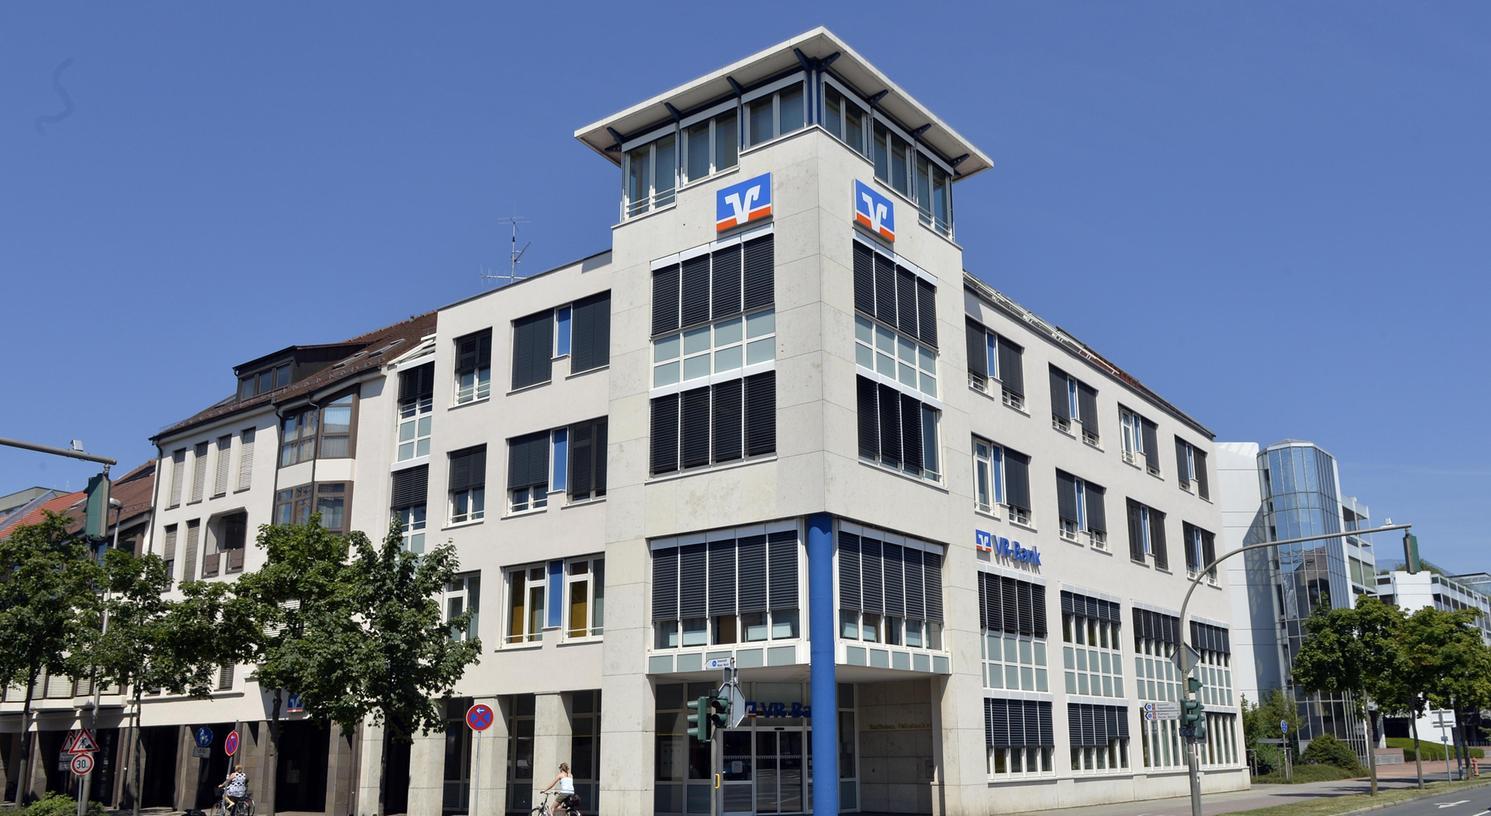 VR-Bank Erlangen und die Vereinigten Raiffeisenbanken Gräfenberg-Forchheim-Eschenau-Heroldsberg tun sich zusammen.